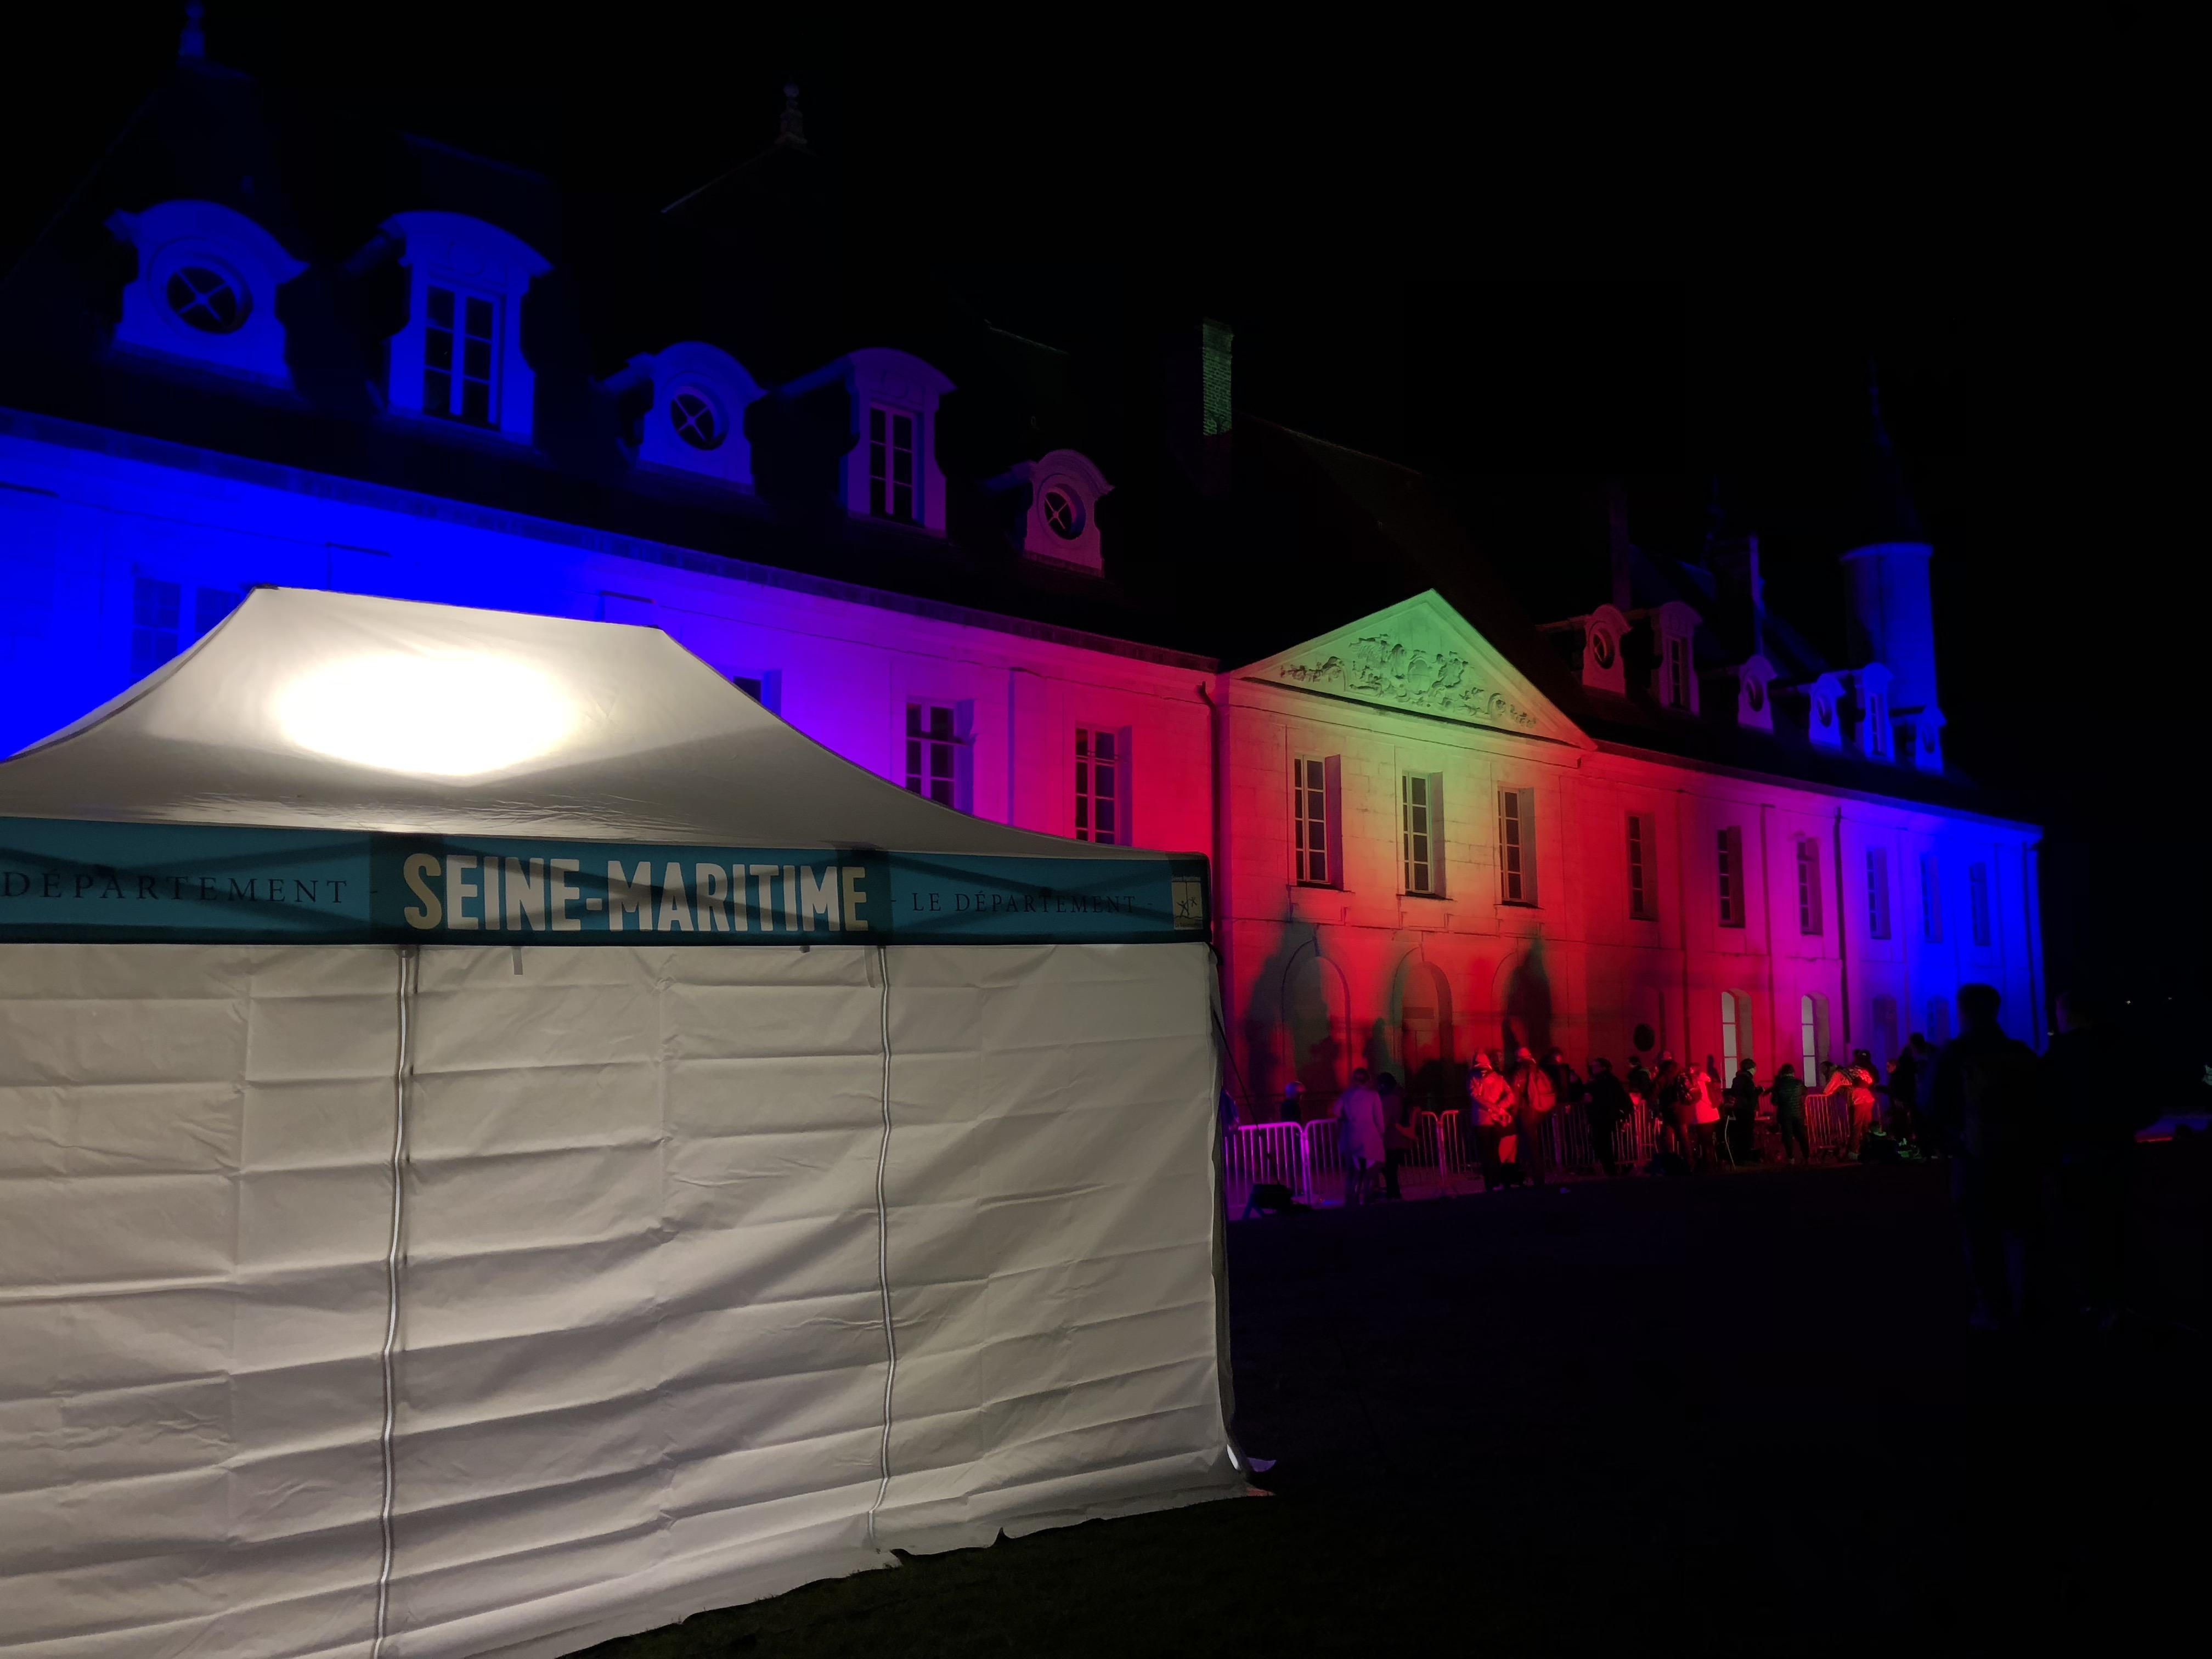 Les randonnées nocturnes du département de la Seine-Maritime